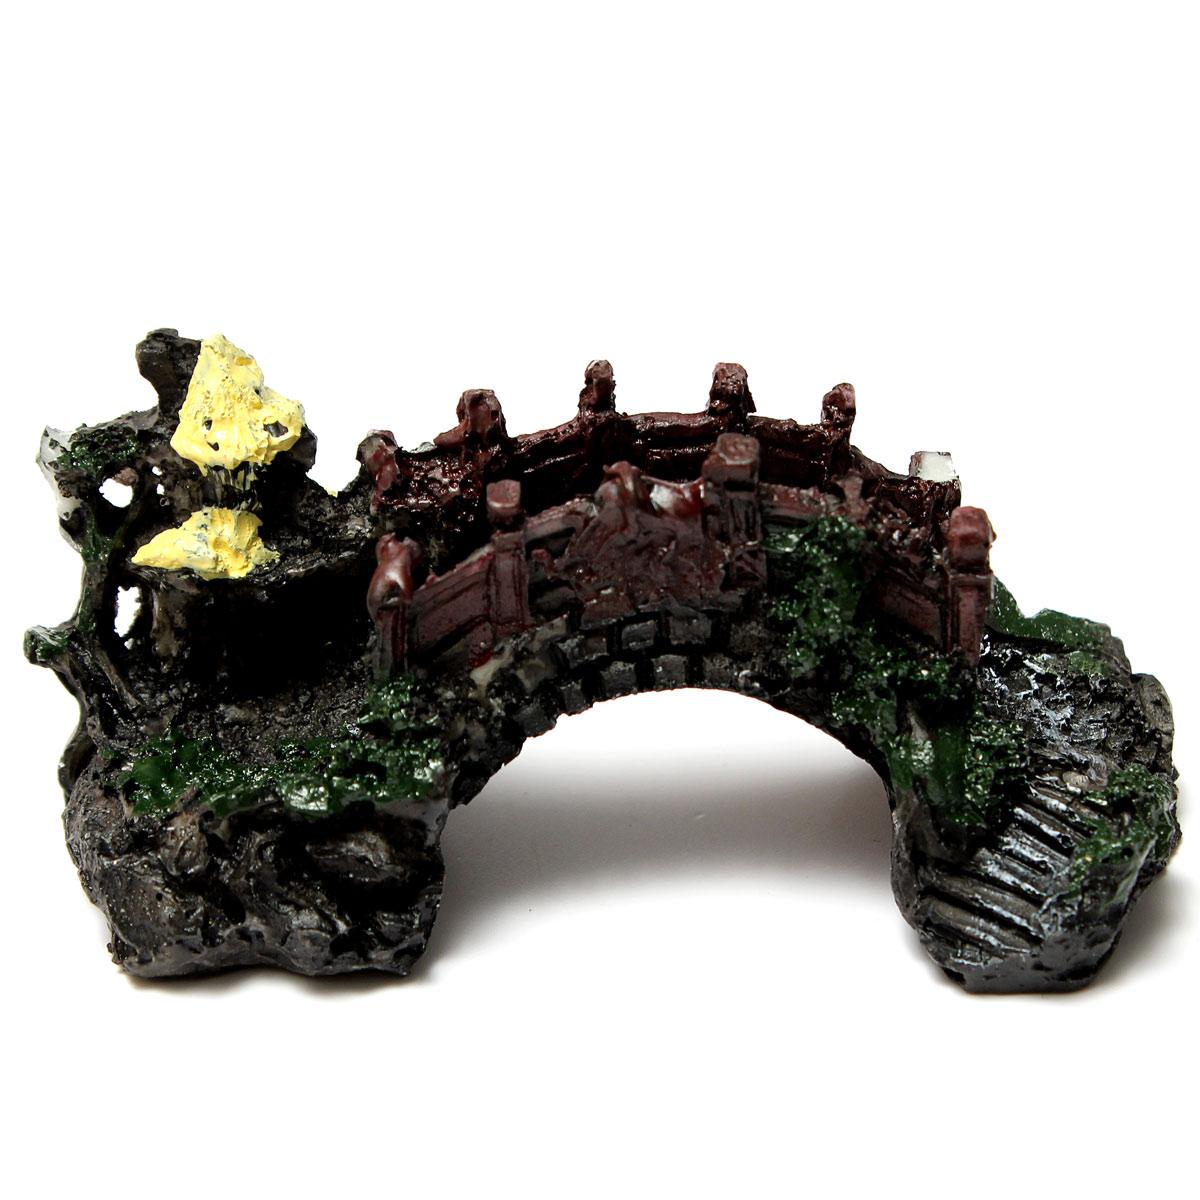 Miniature Dollhouse Garden Decoration Pots